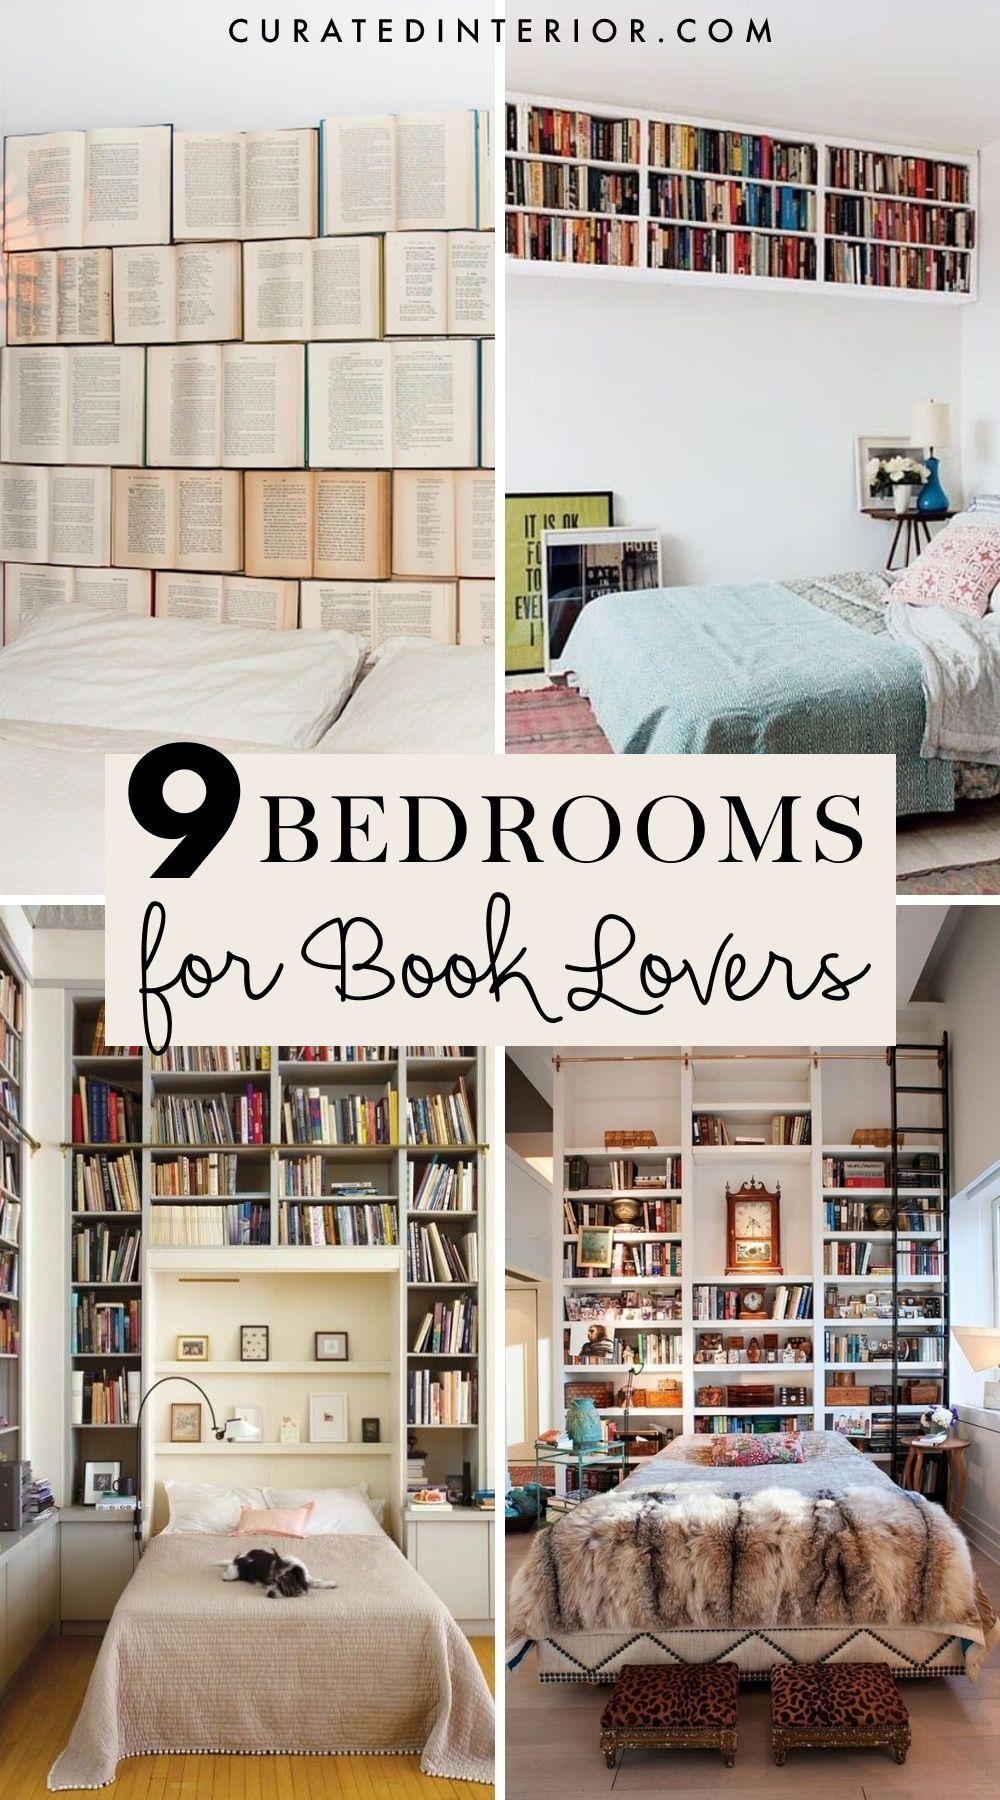 9 Schlafzimmer für Bücherliebhaber - endlose Dekorationsideen für Bücherregale